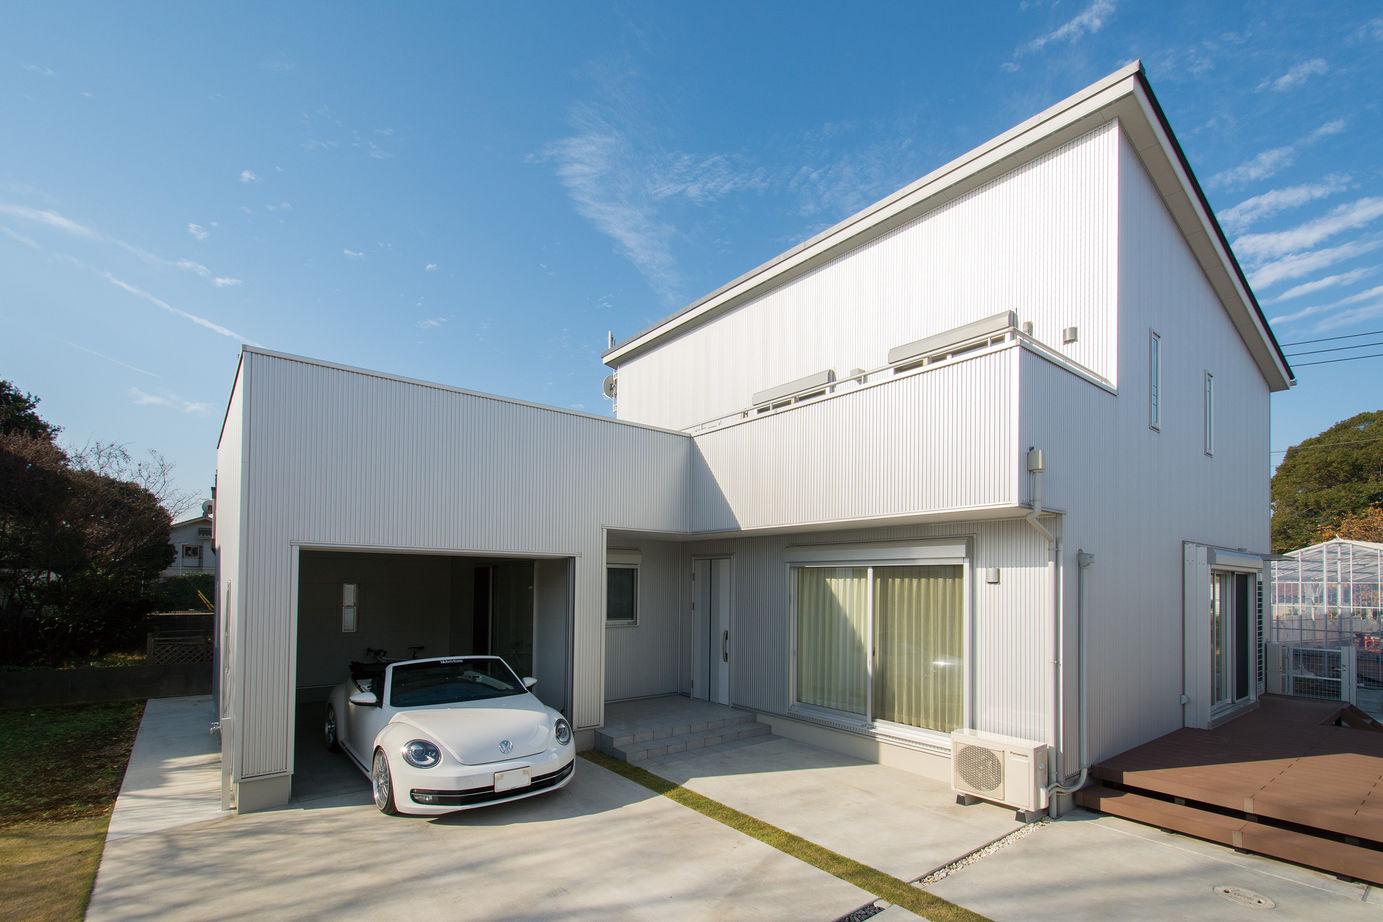 Suumo ガレージハウス 愛車を楽しむ憧れの住まい 大工の父が現場の仕事ぶりに太鼓判 藤島建設 フィットインプラザの建築実例詳細 注文住宅